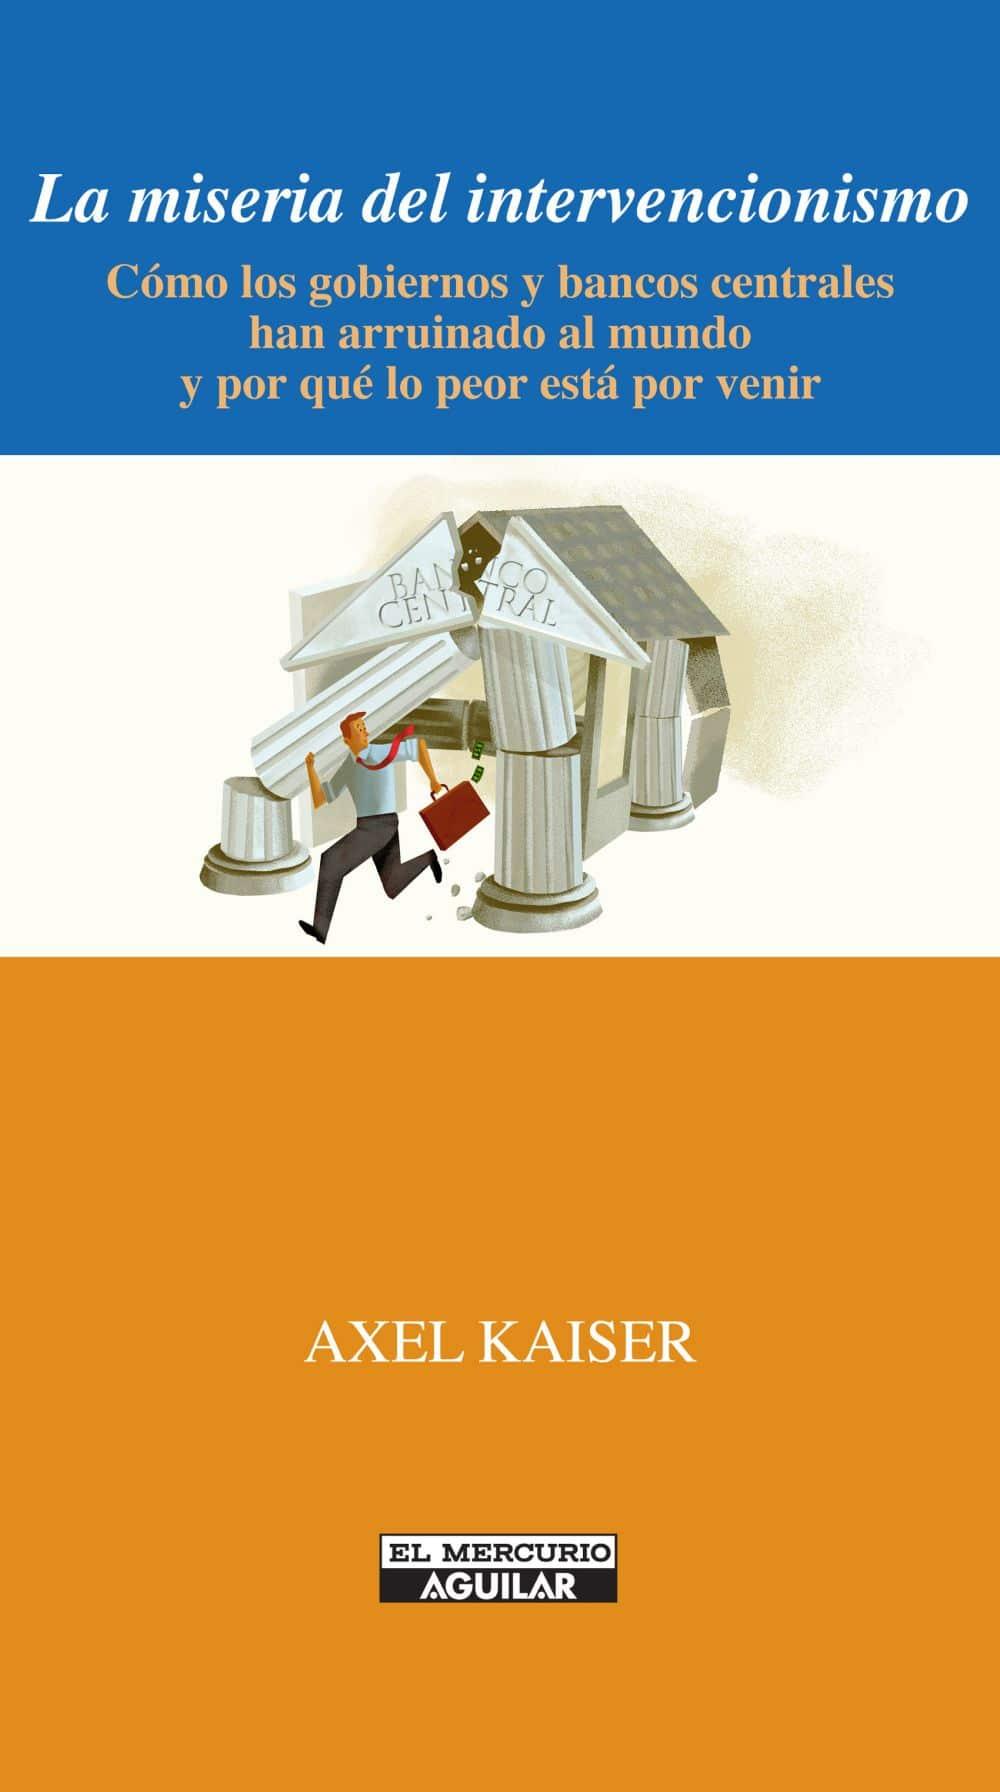 AXEL KAISER BIOGRAFÍA